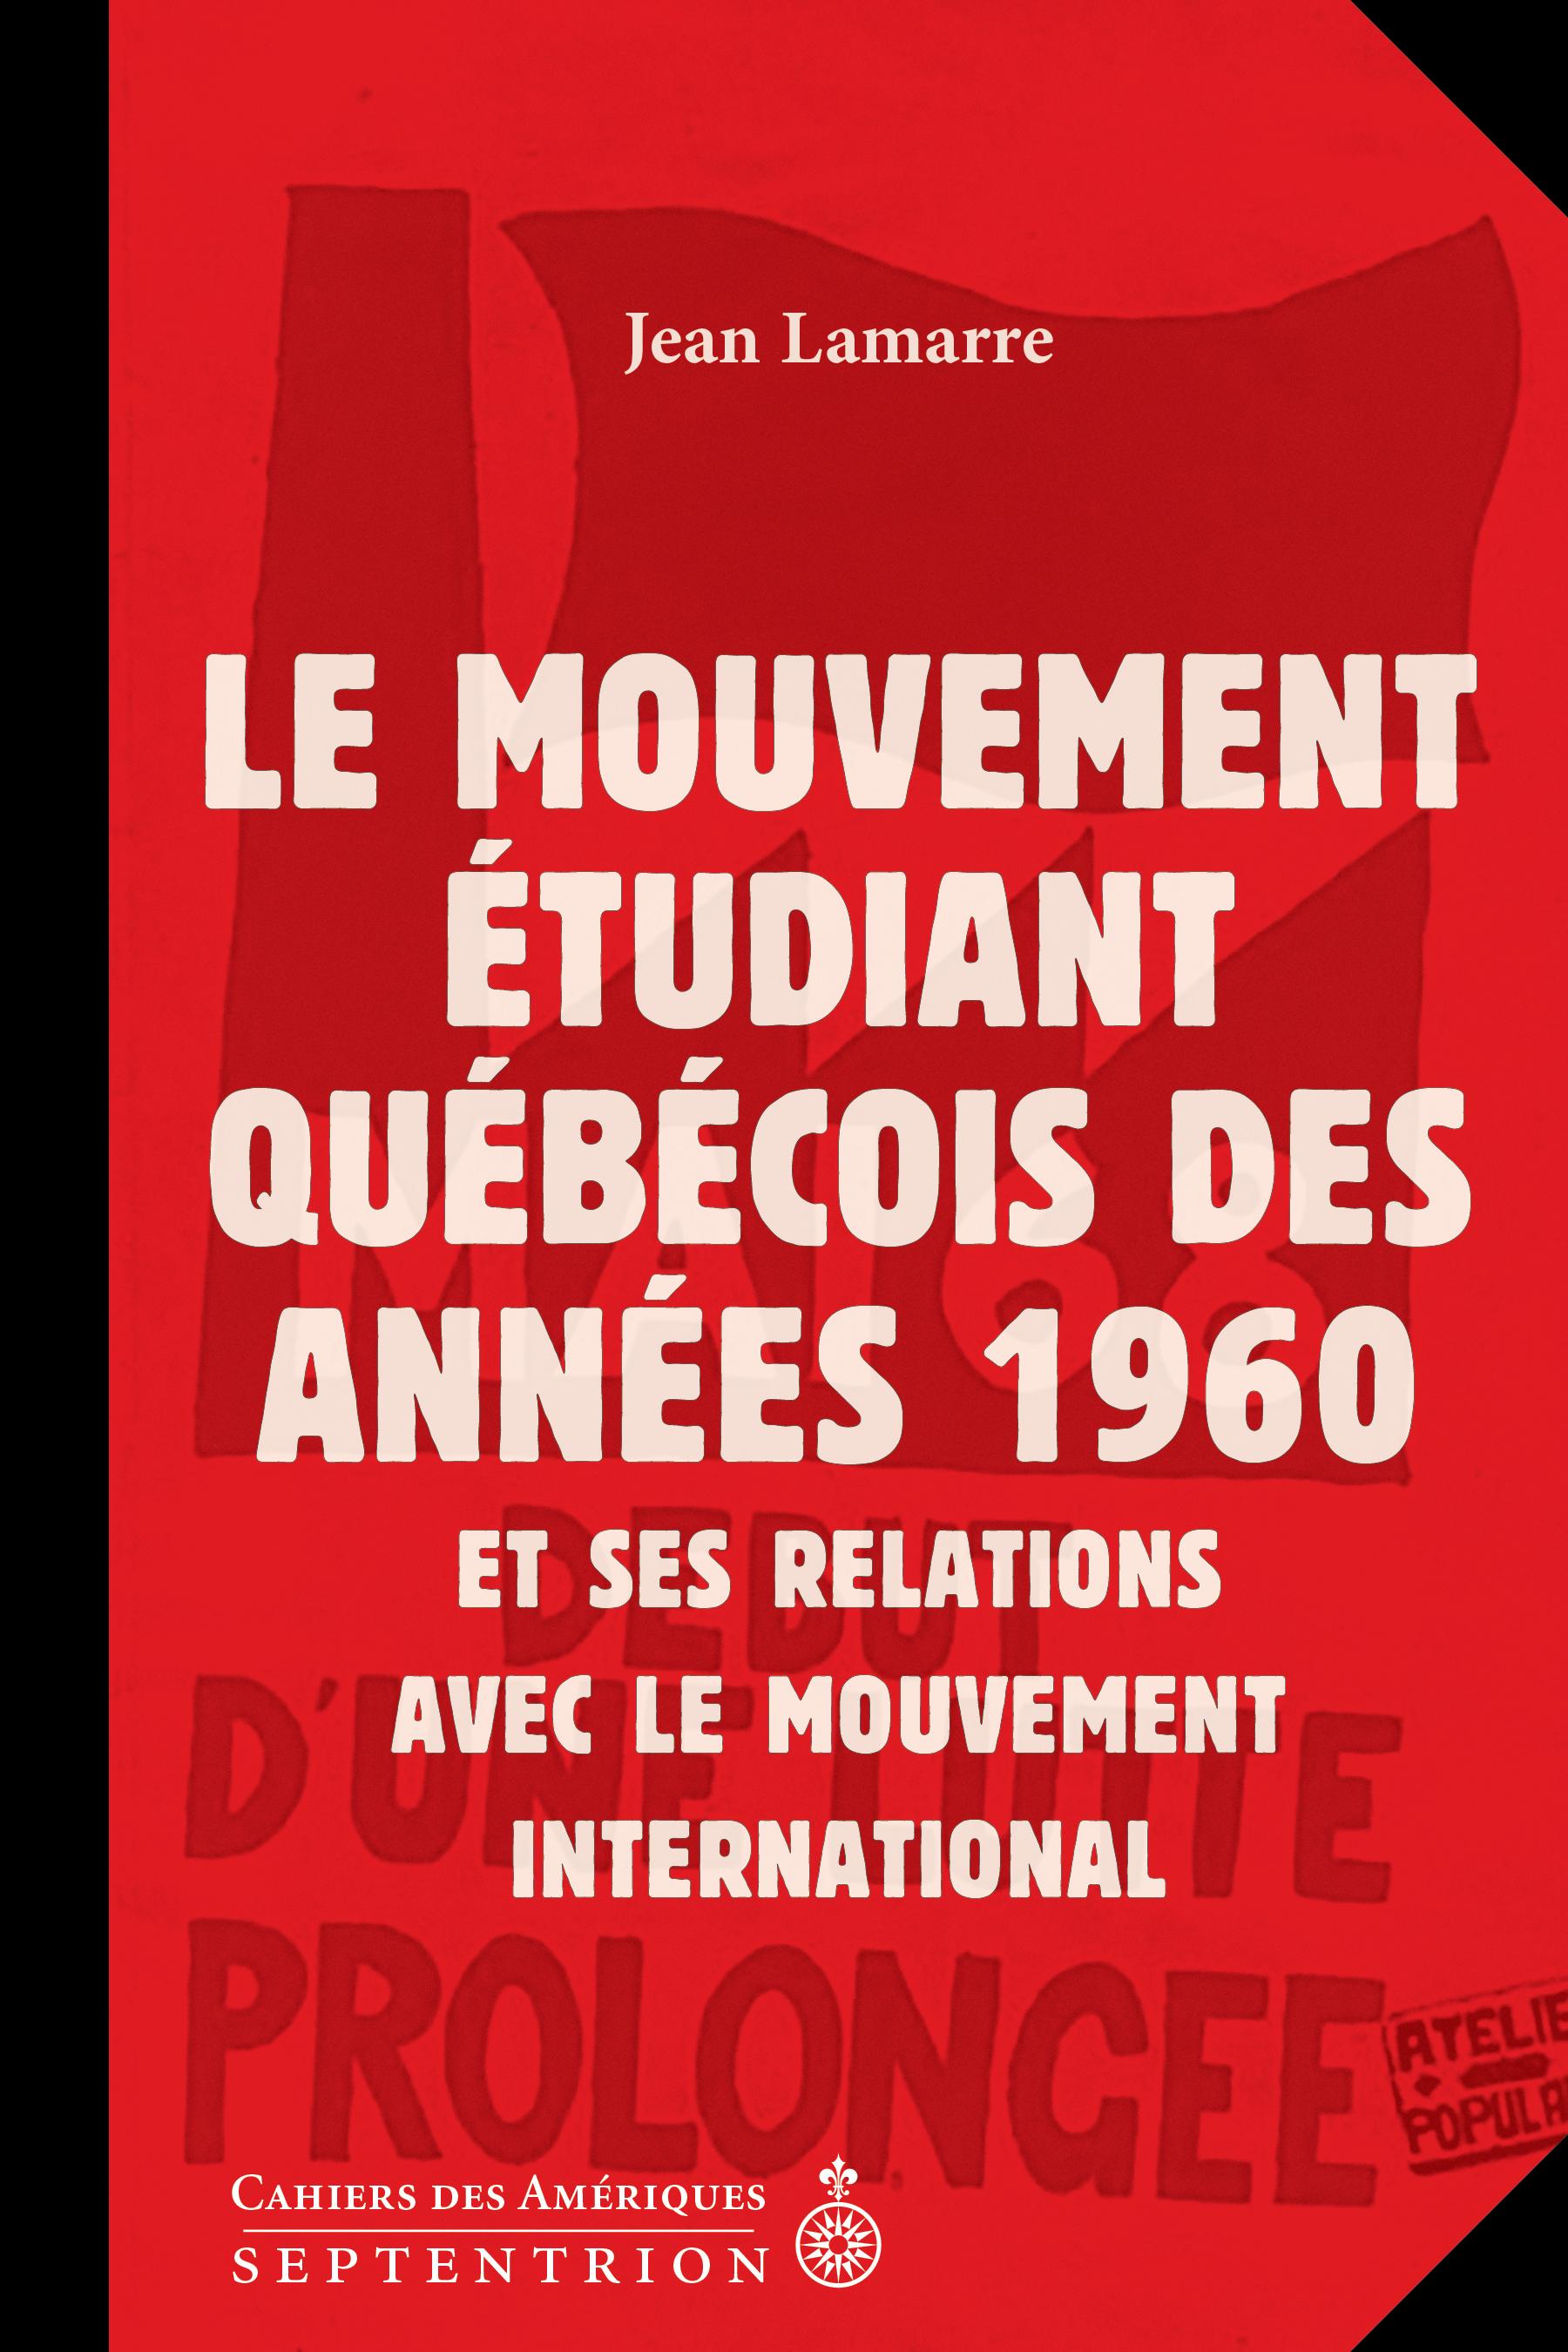 Le Mouvement étudiant québécois des années 1960 et ses relations avec le mouvement international